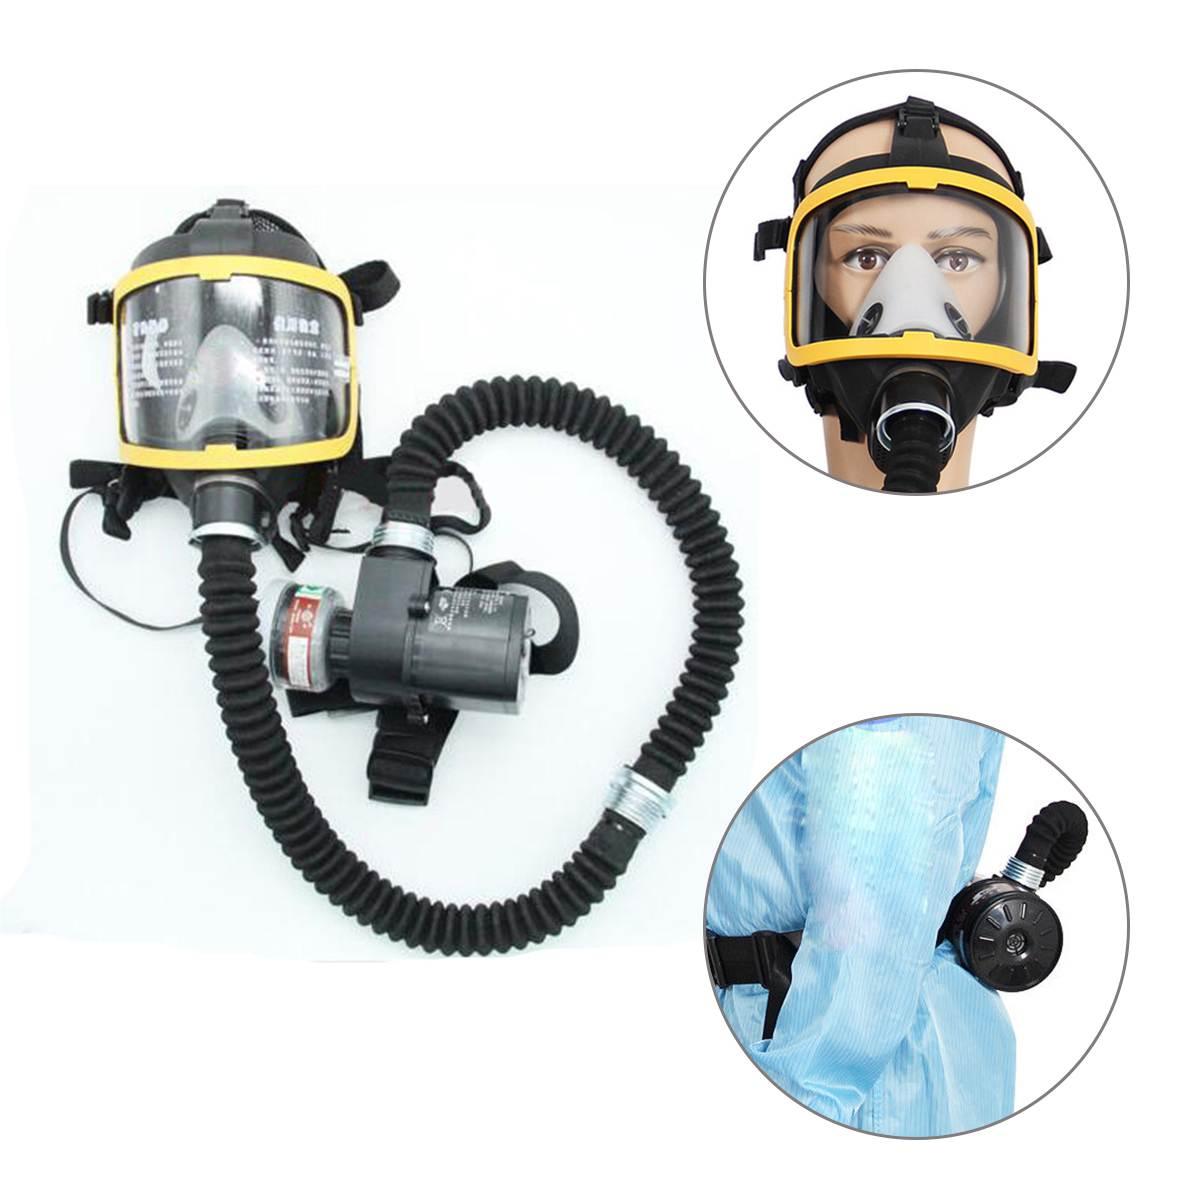 Защитная маска набор Электрический постоянный поток подаваемого воздуха Fed полное лицо противогаз, респиратор Системы бируши для работы но